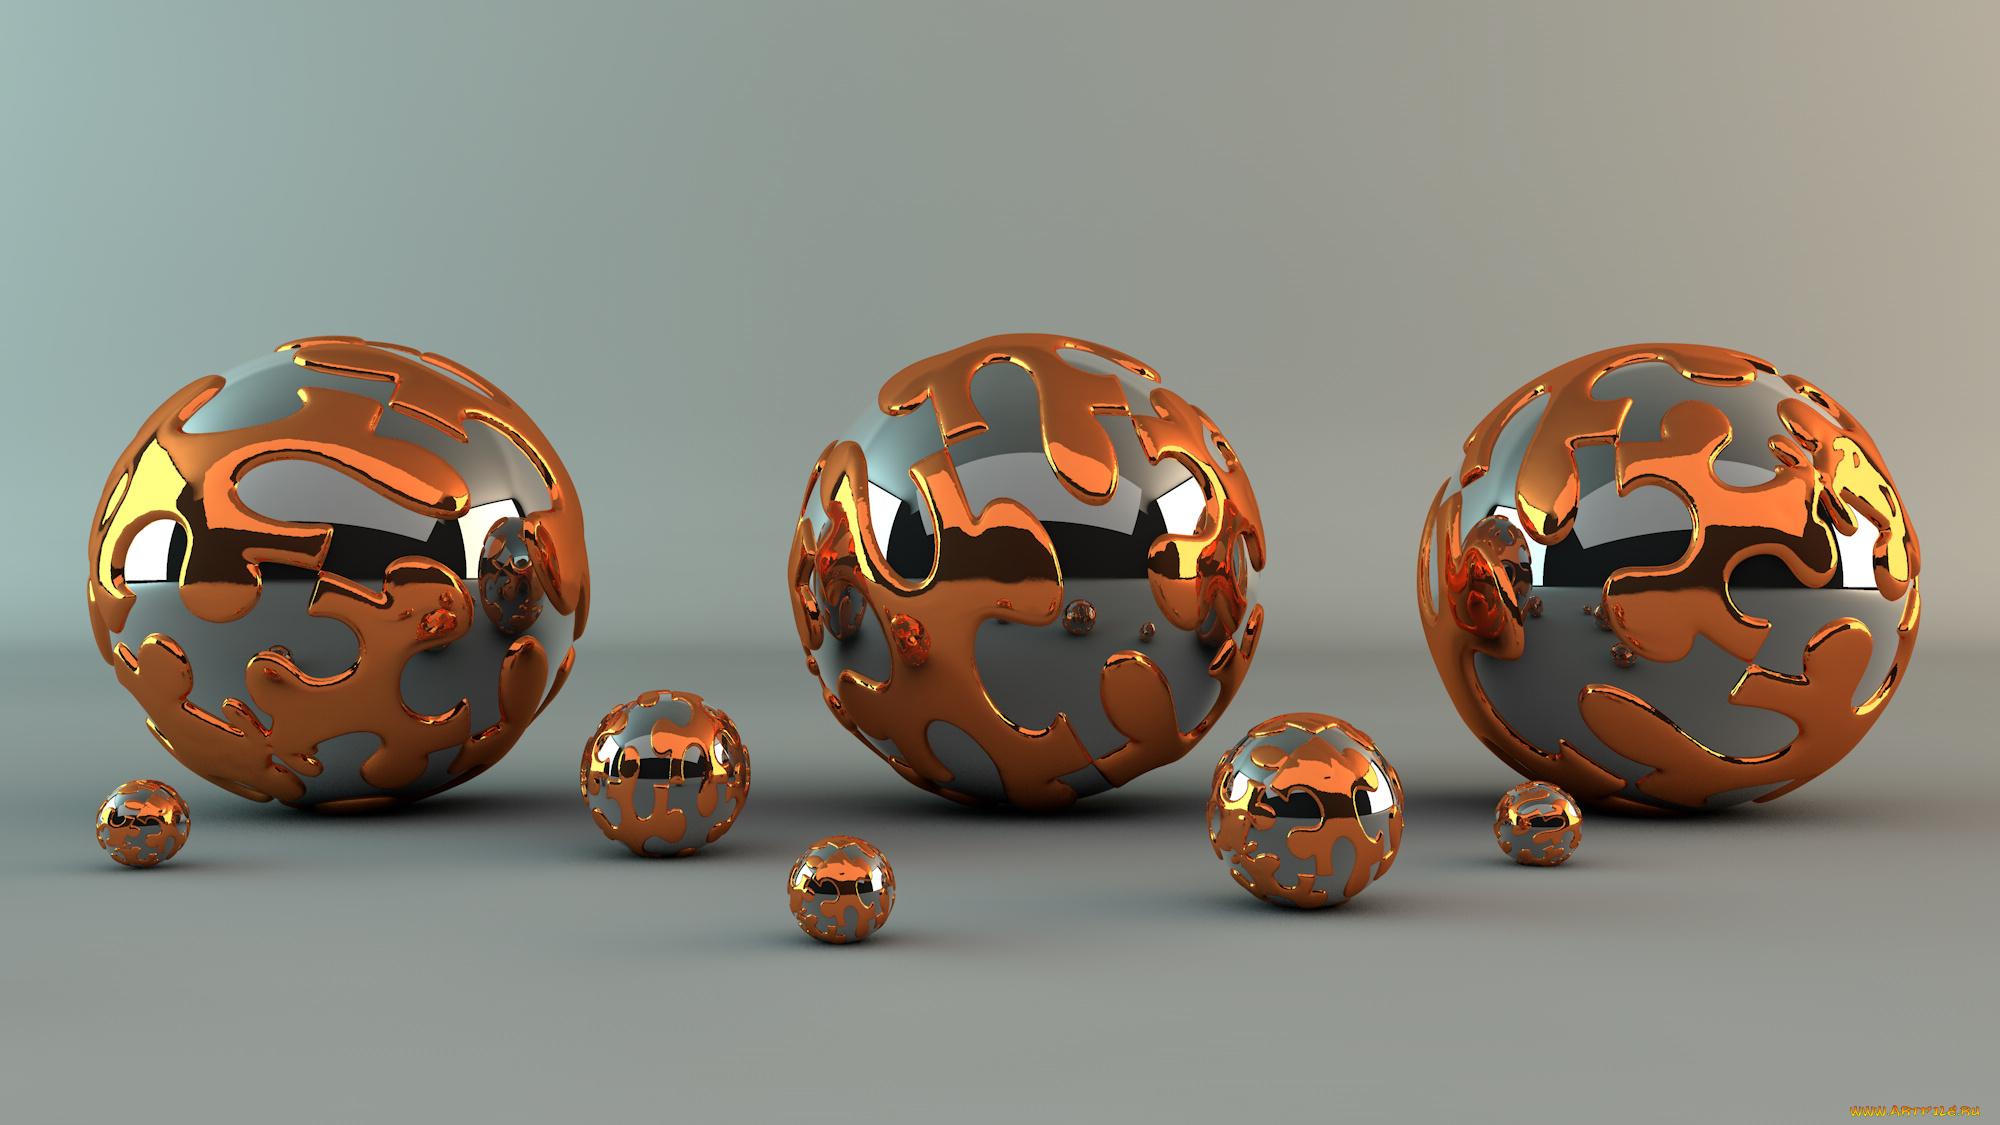 Хромированые шары  № 3335951  скачать